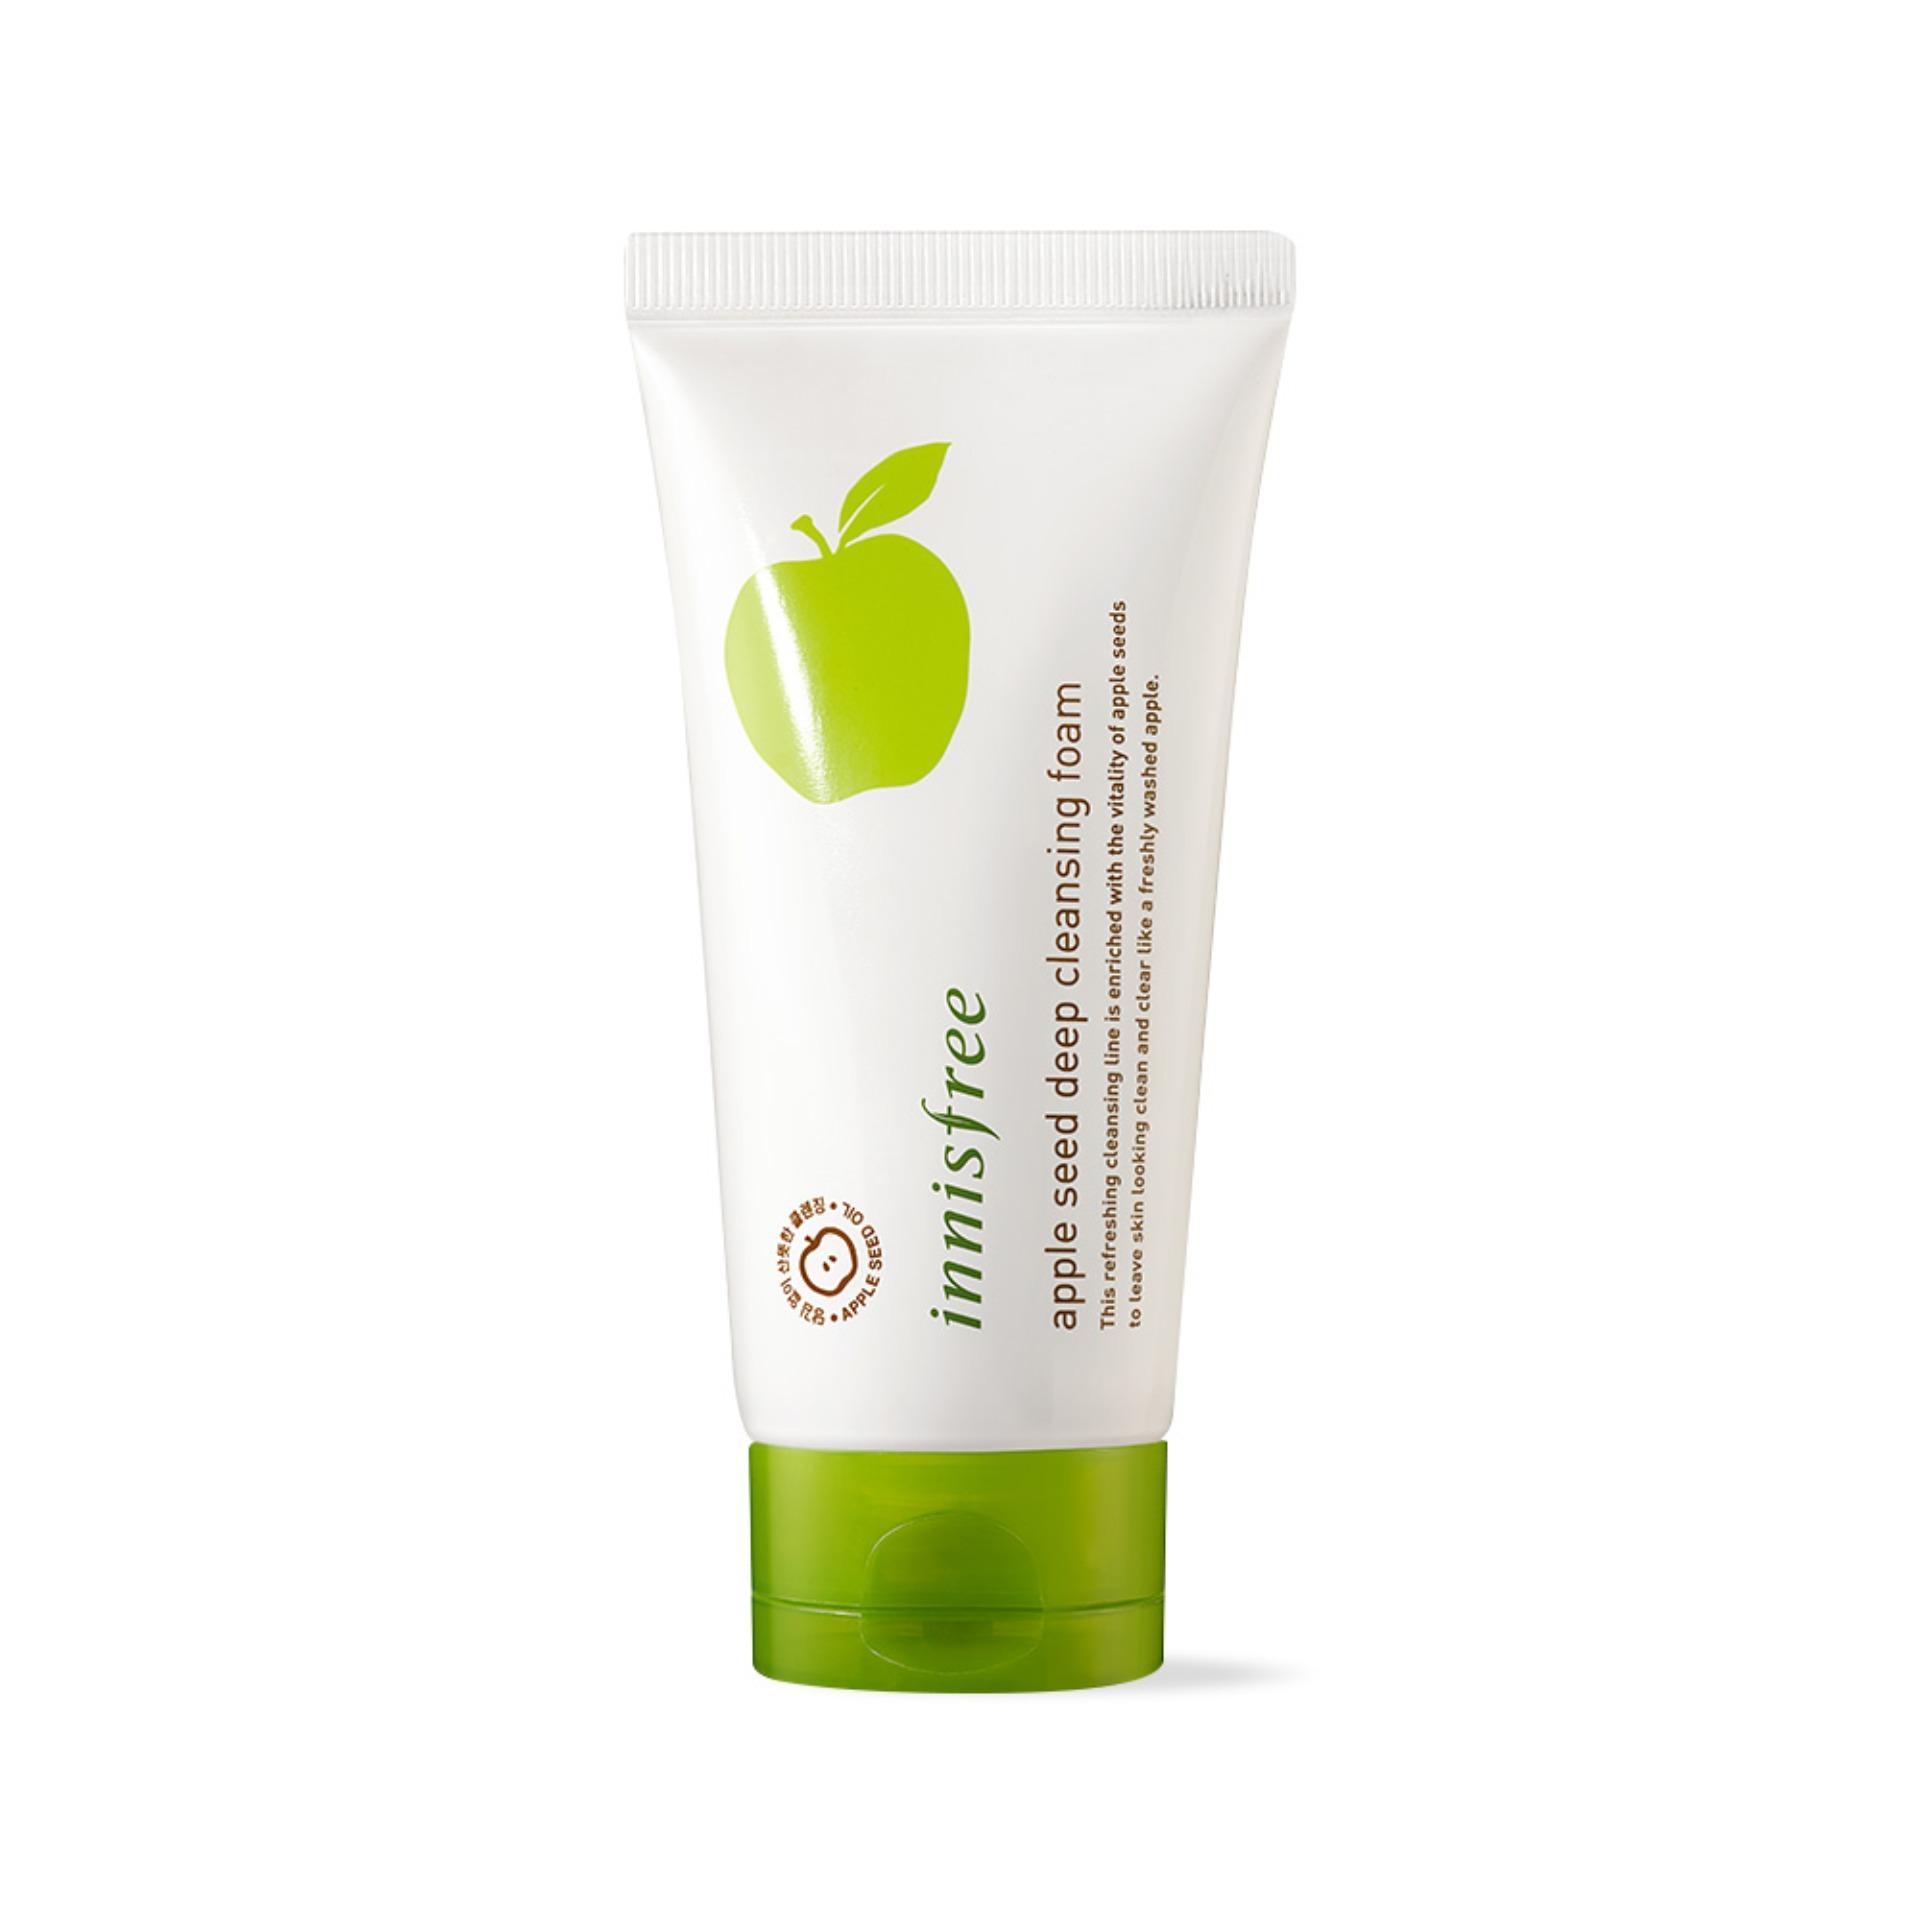 Where To Buy Innisfree Apple Seed Deep Cleansing Foam 150Ml